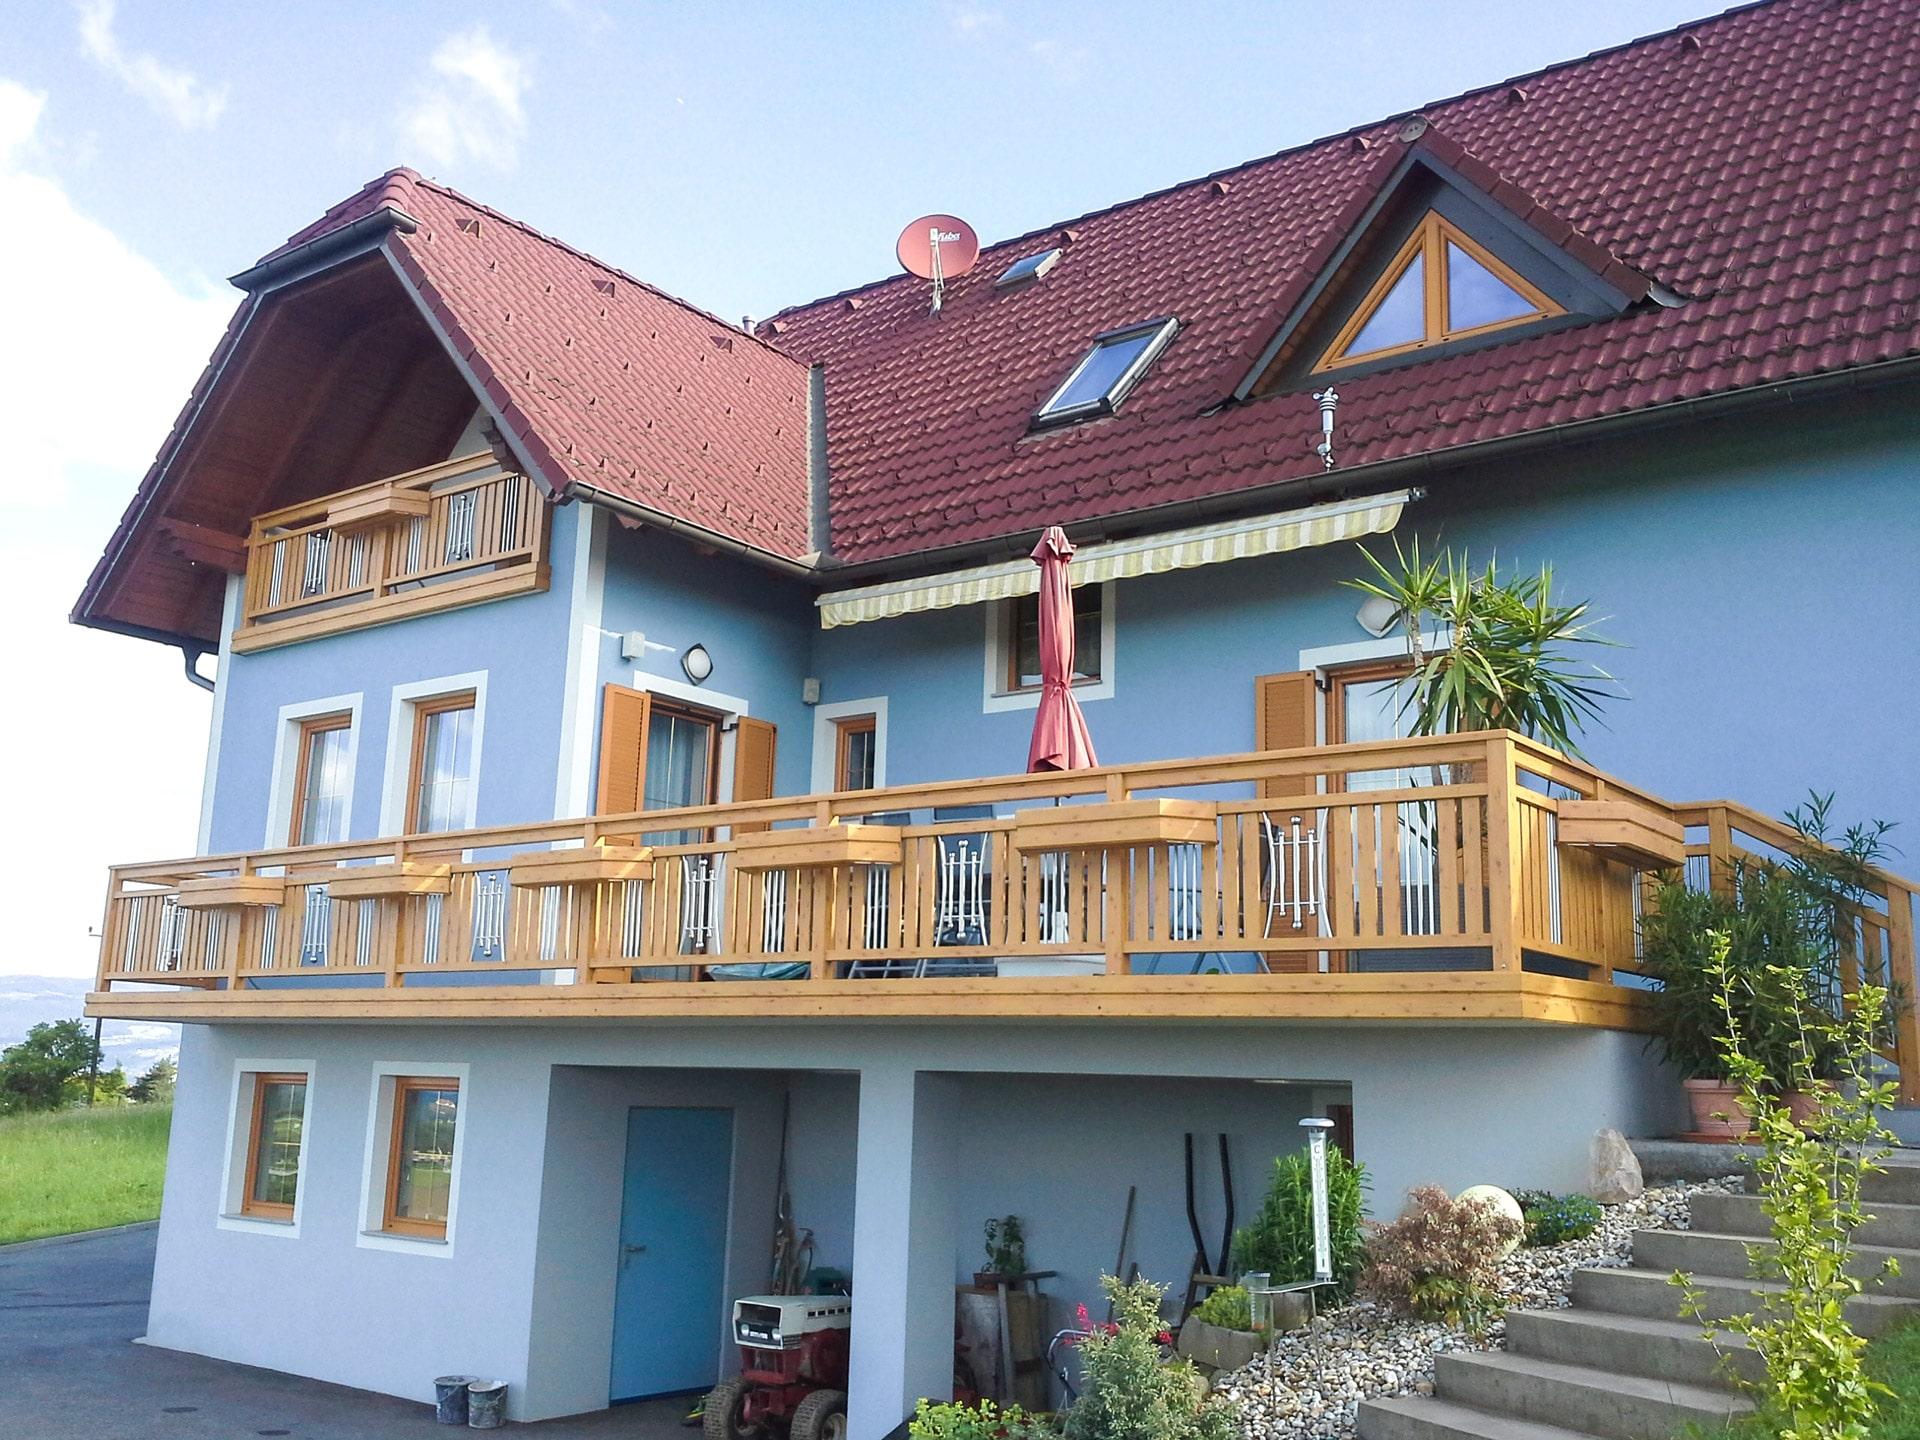 Kufstein 01 H   Außengeländer bei Terrasse aus Aluminium in Holz-Optik mit Edelstahldekor   Svoboda